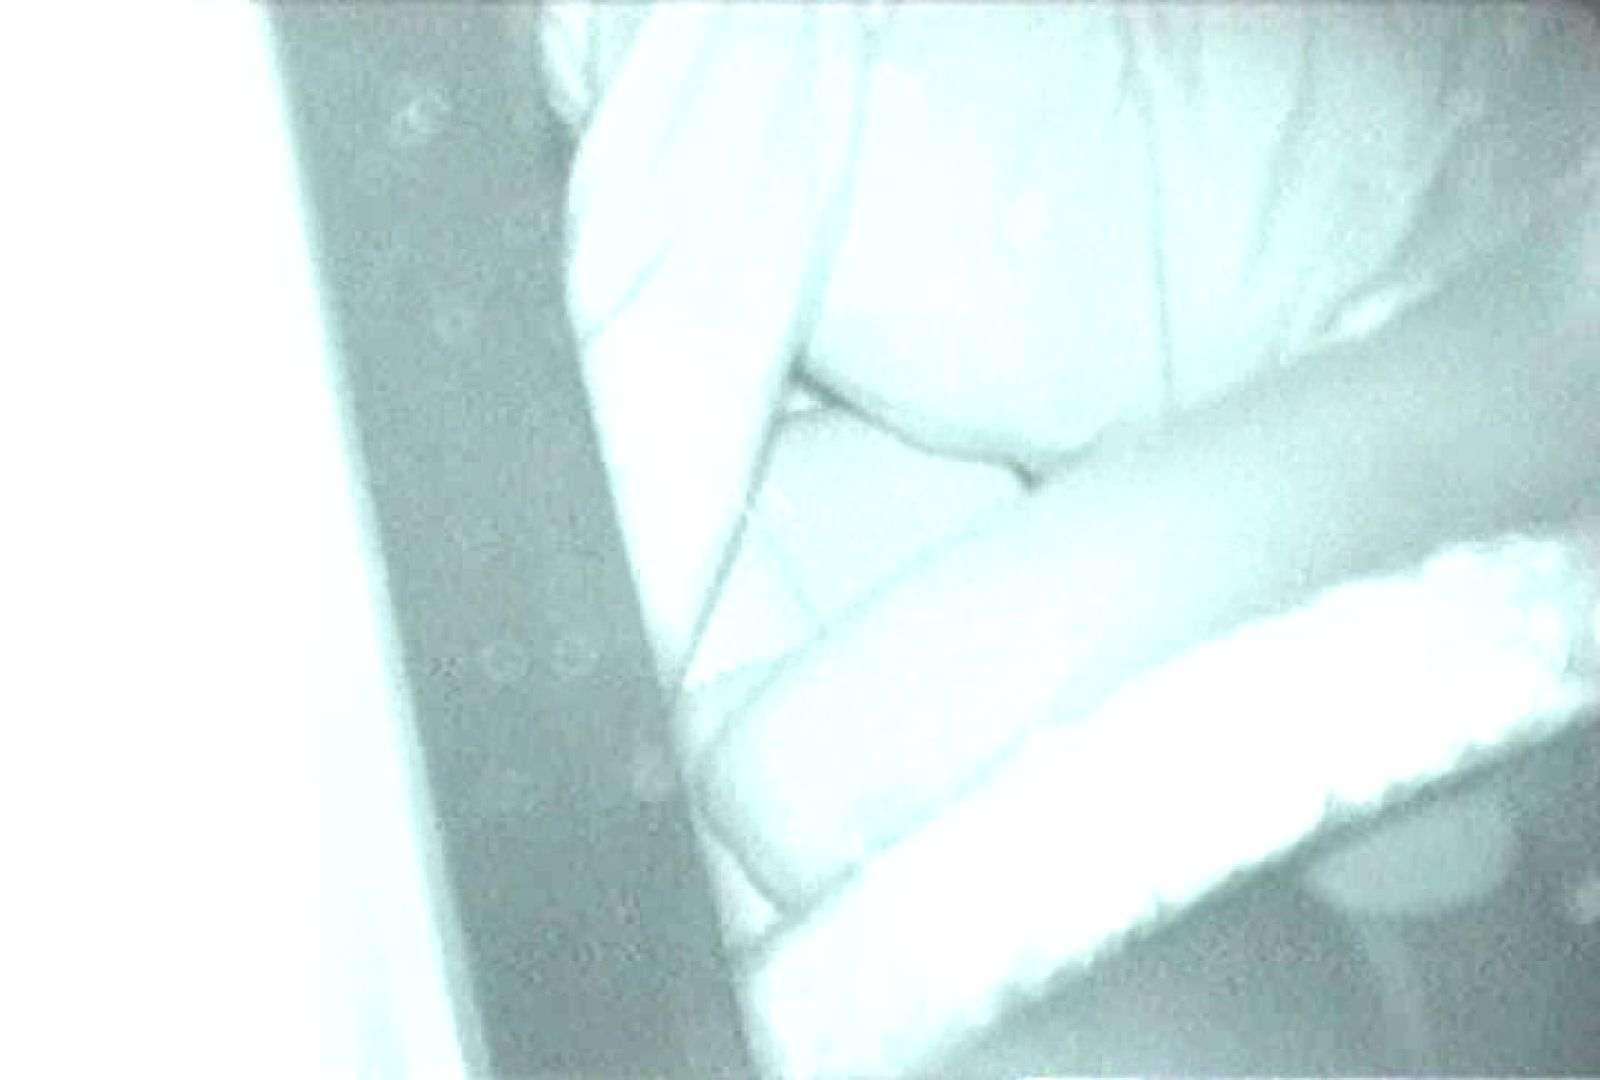 充血監督の深夜の運動会Vol.88 熟女 スケベ動画紹介 51画像 43